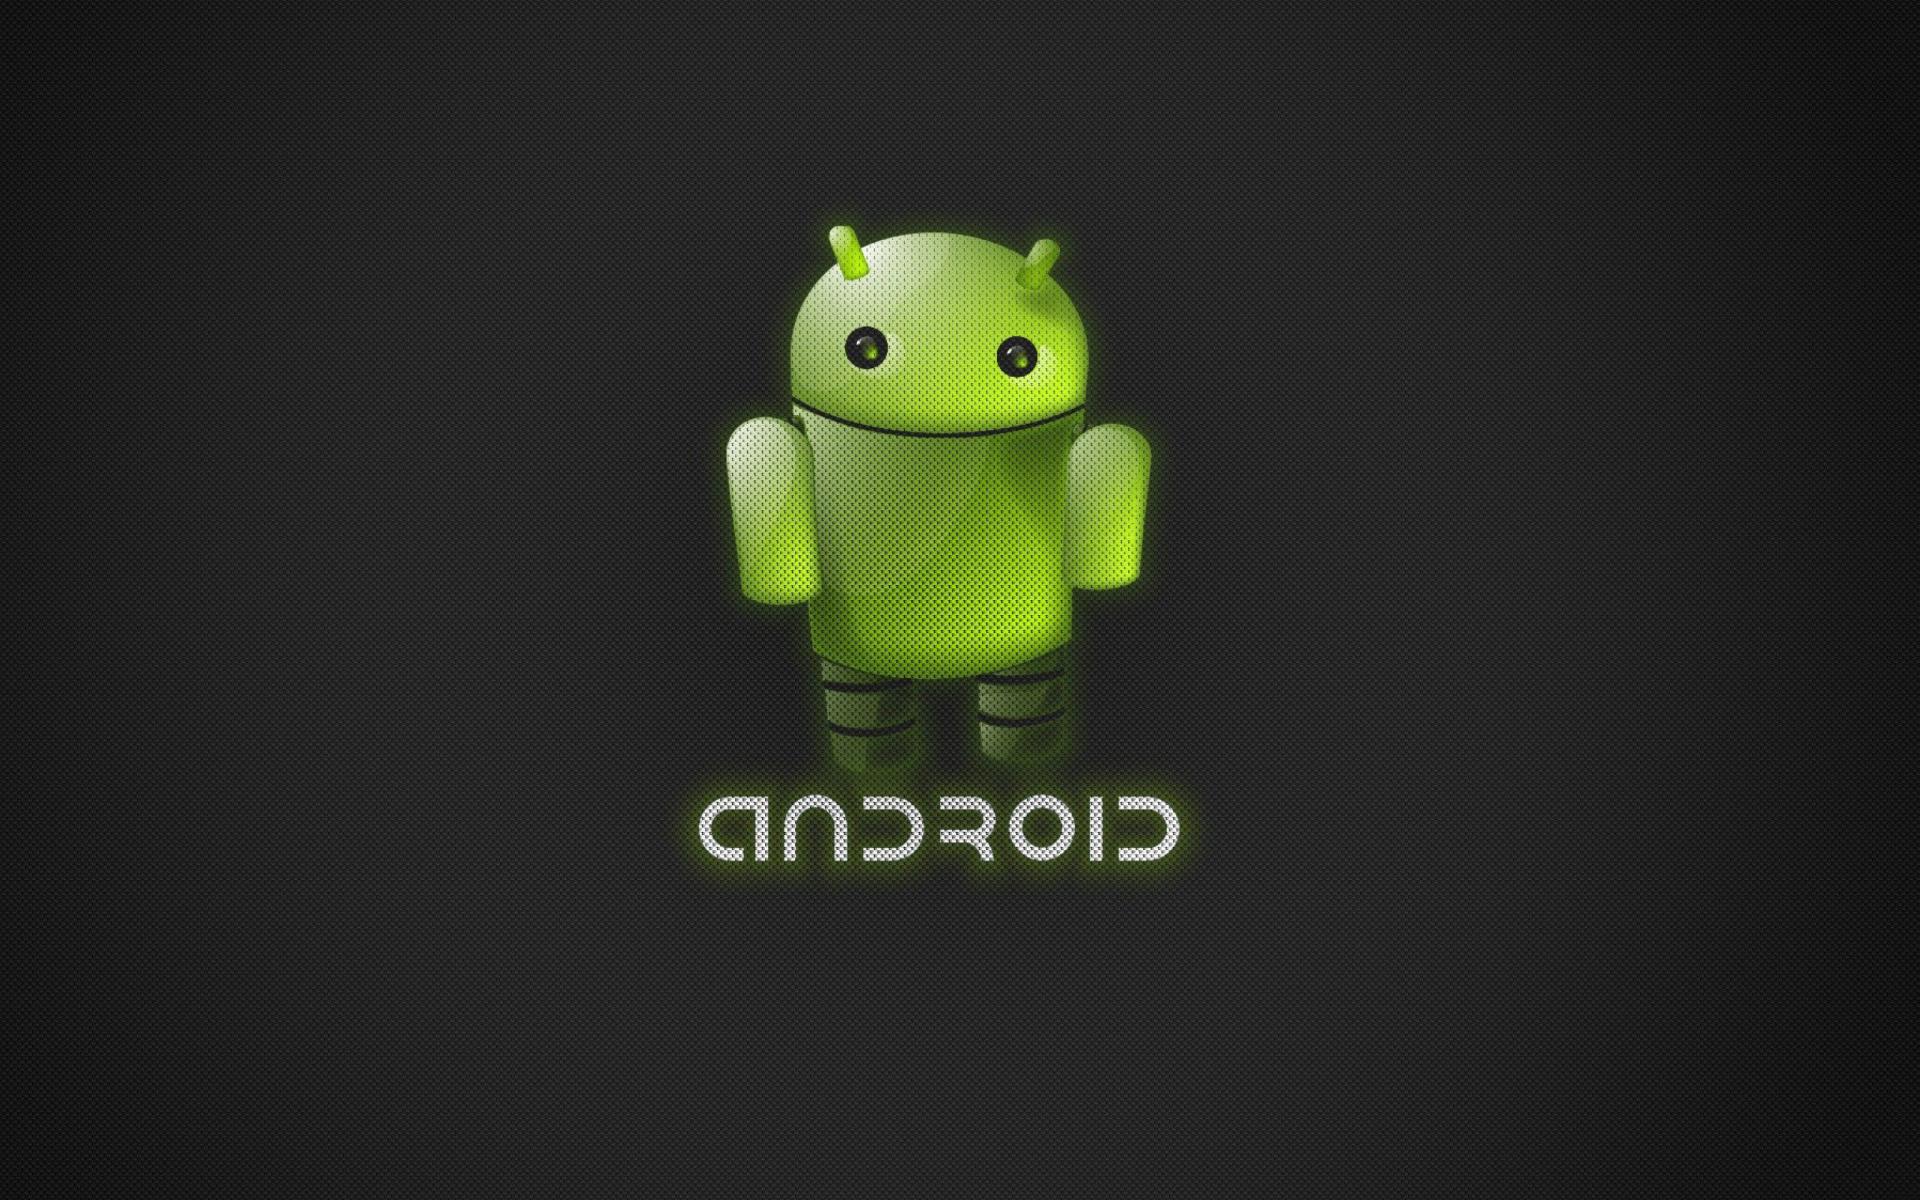 Прикольные картинки на андроид 4.4.2, свинья новым